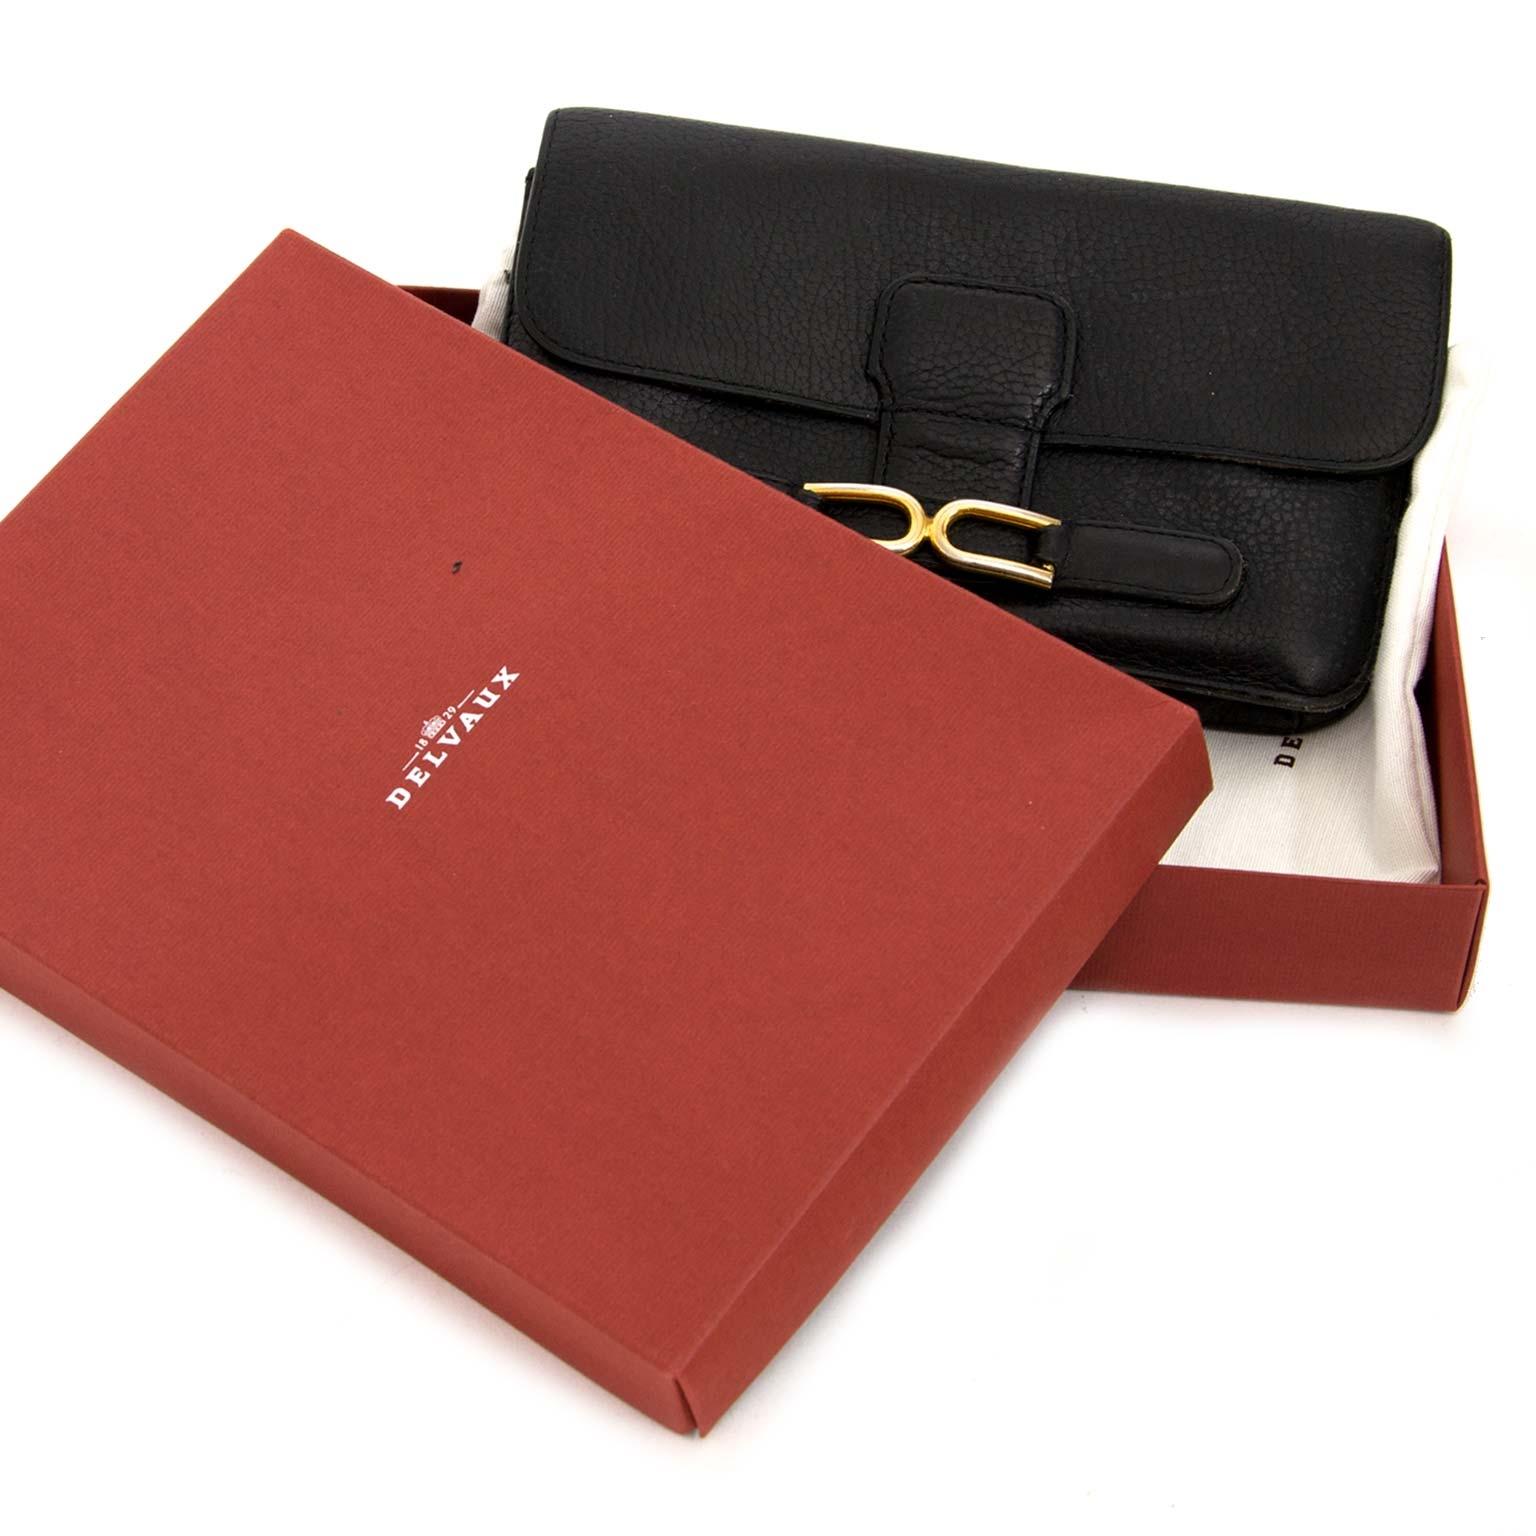 a5662a195c57 ... delvaux black escudo wallet now for sale at labellov vintage fashion  webshop belgium